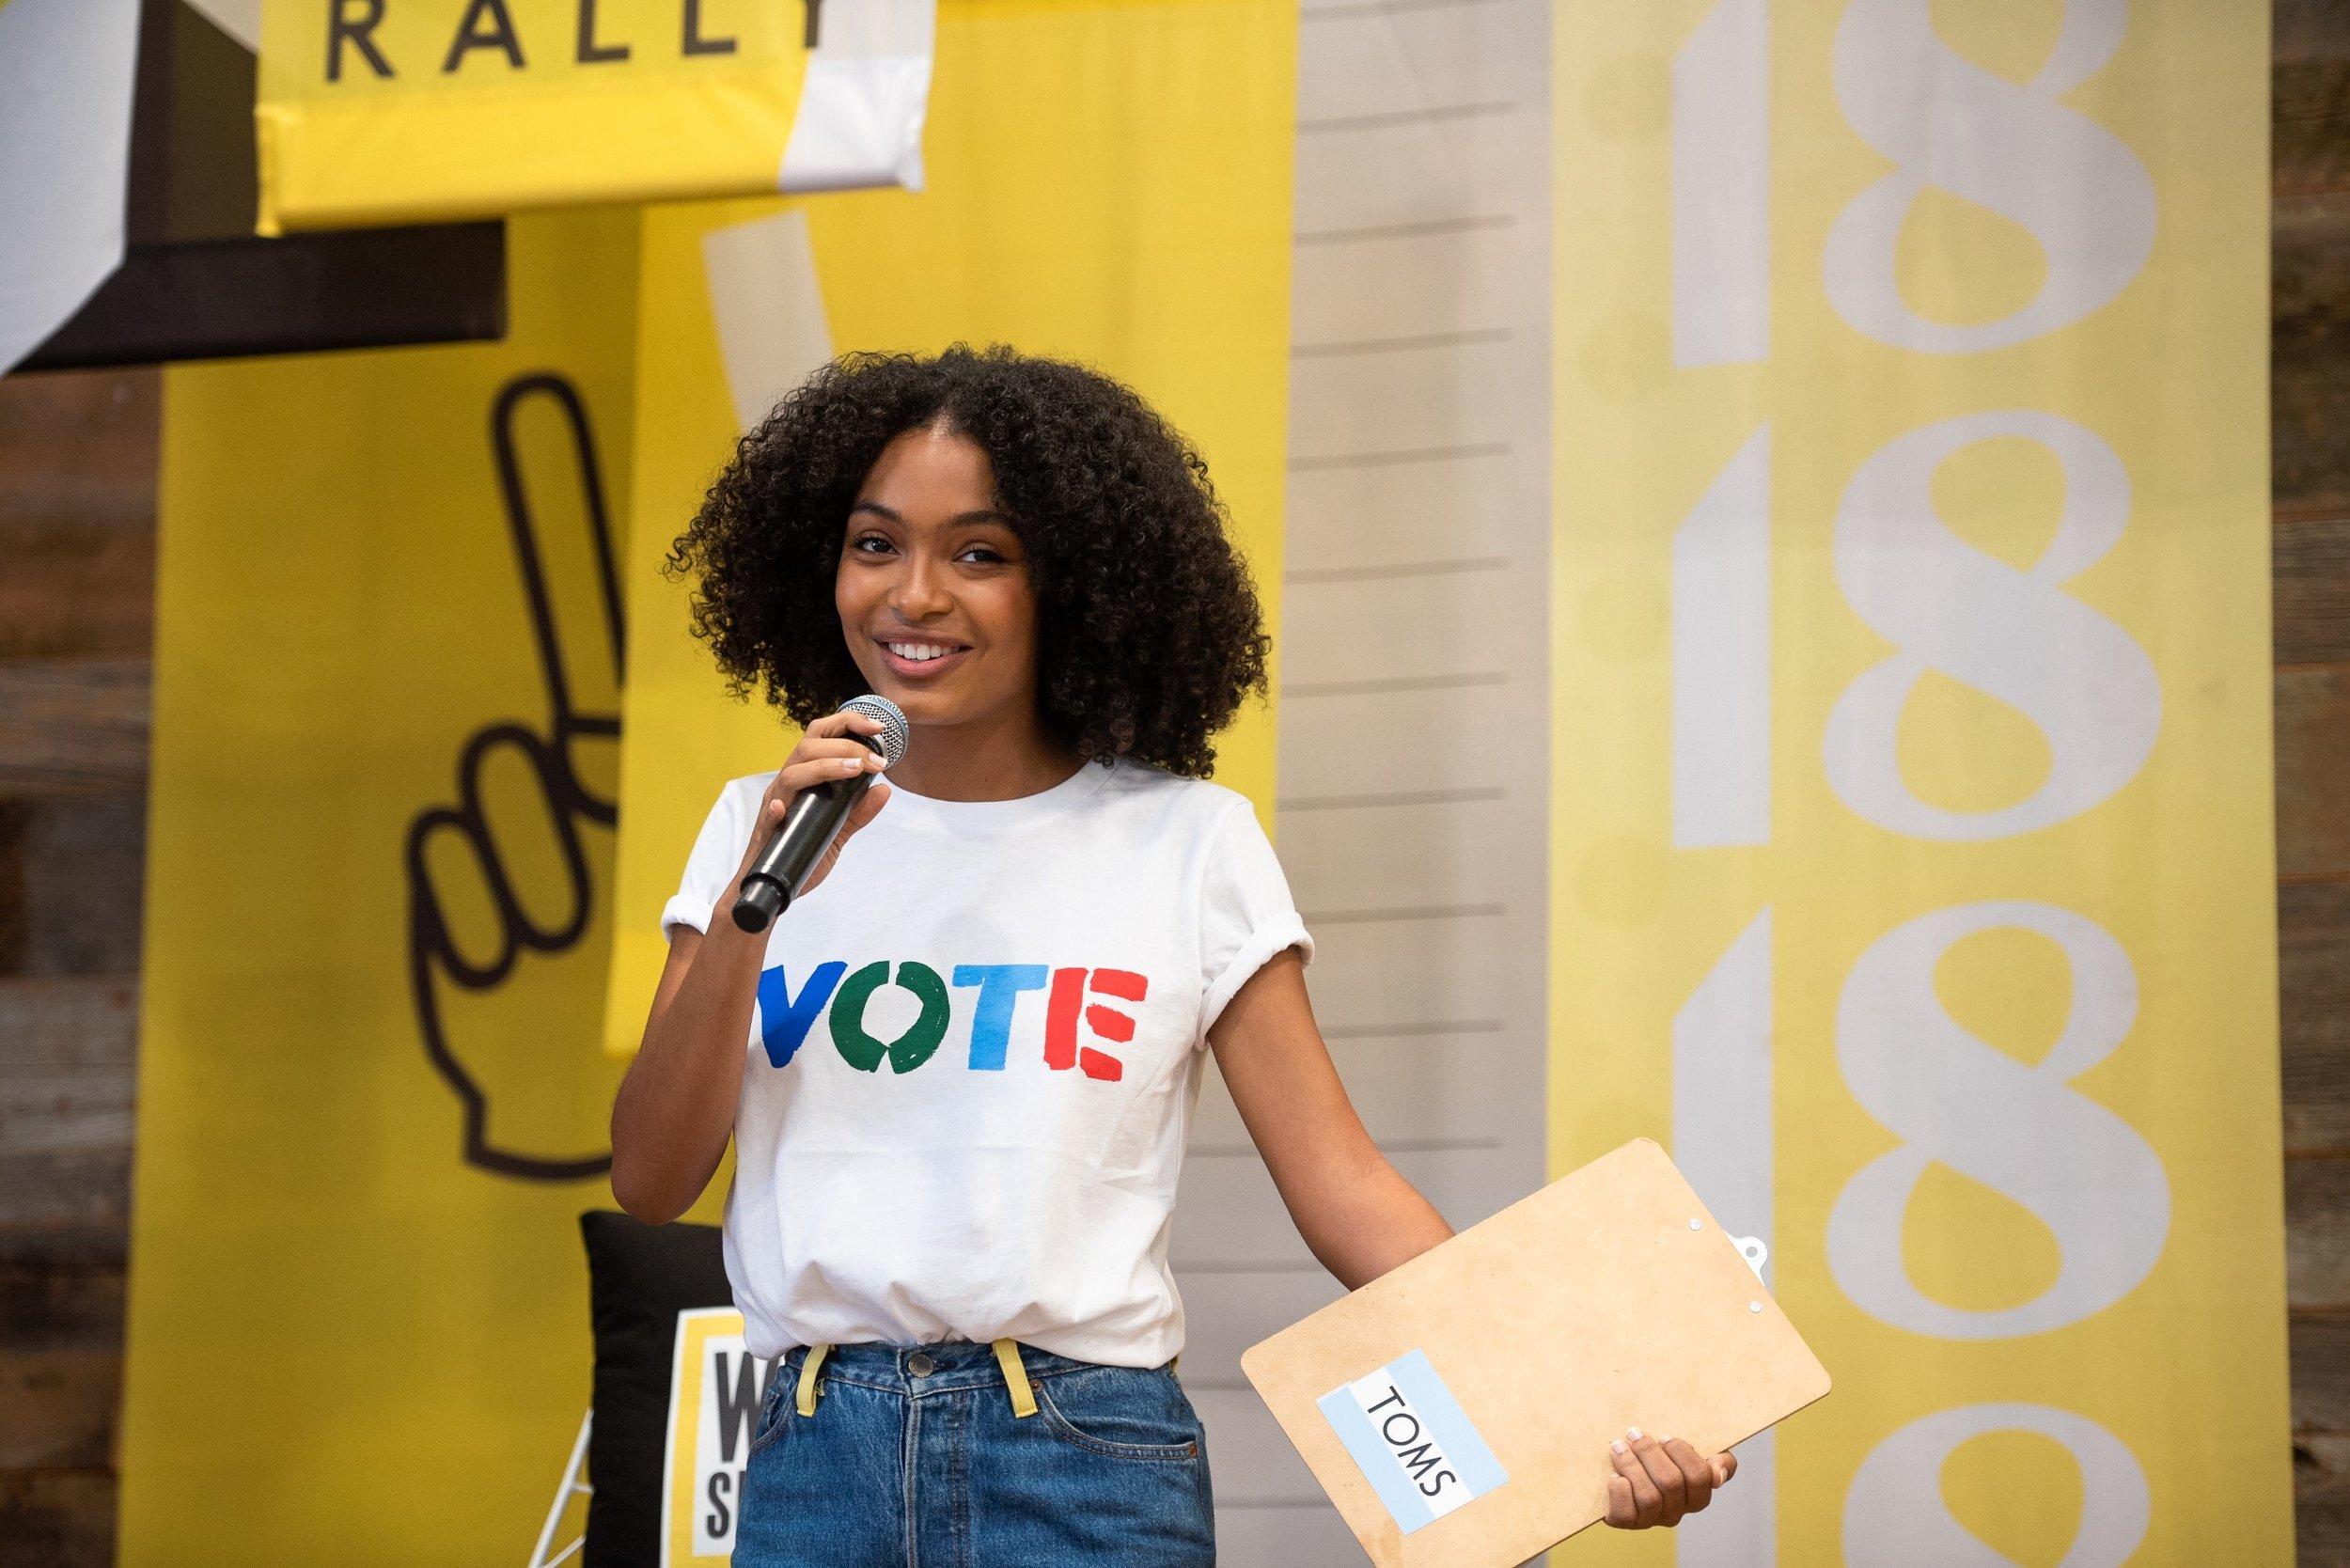 yara vote - My Girl Crush: Yara Sahidi